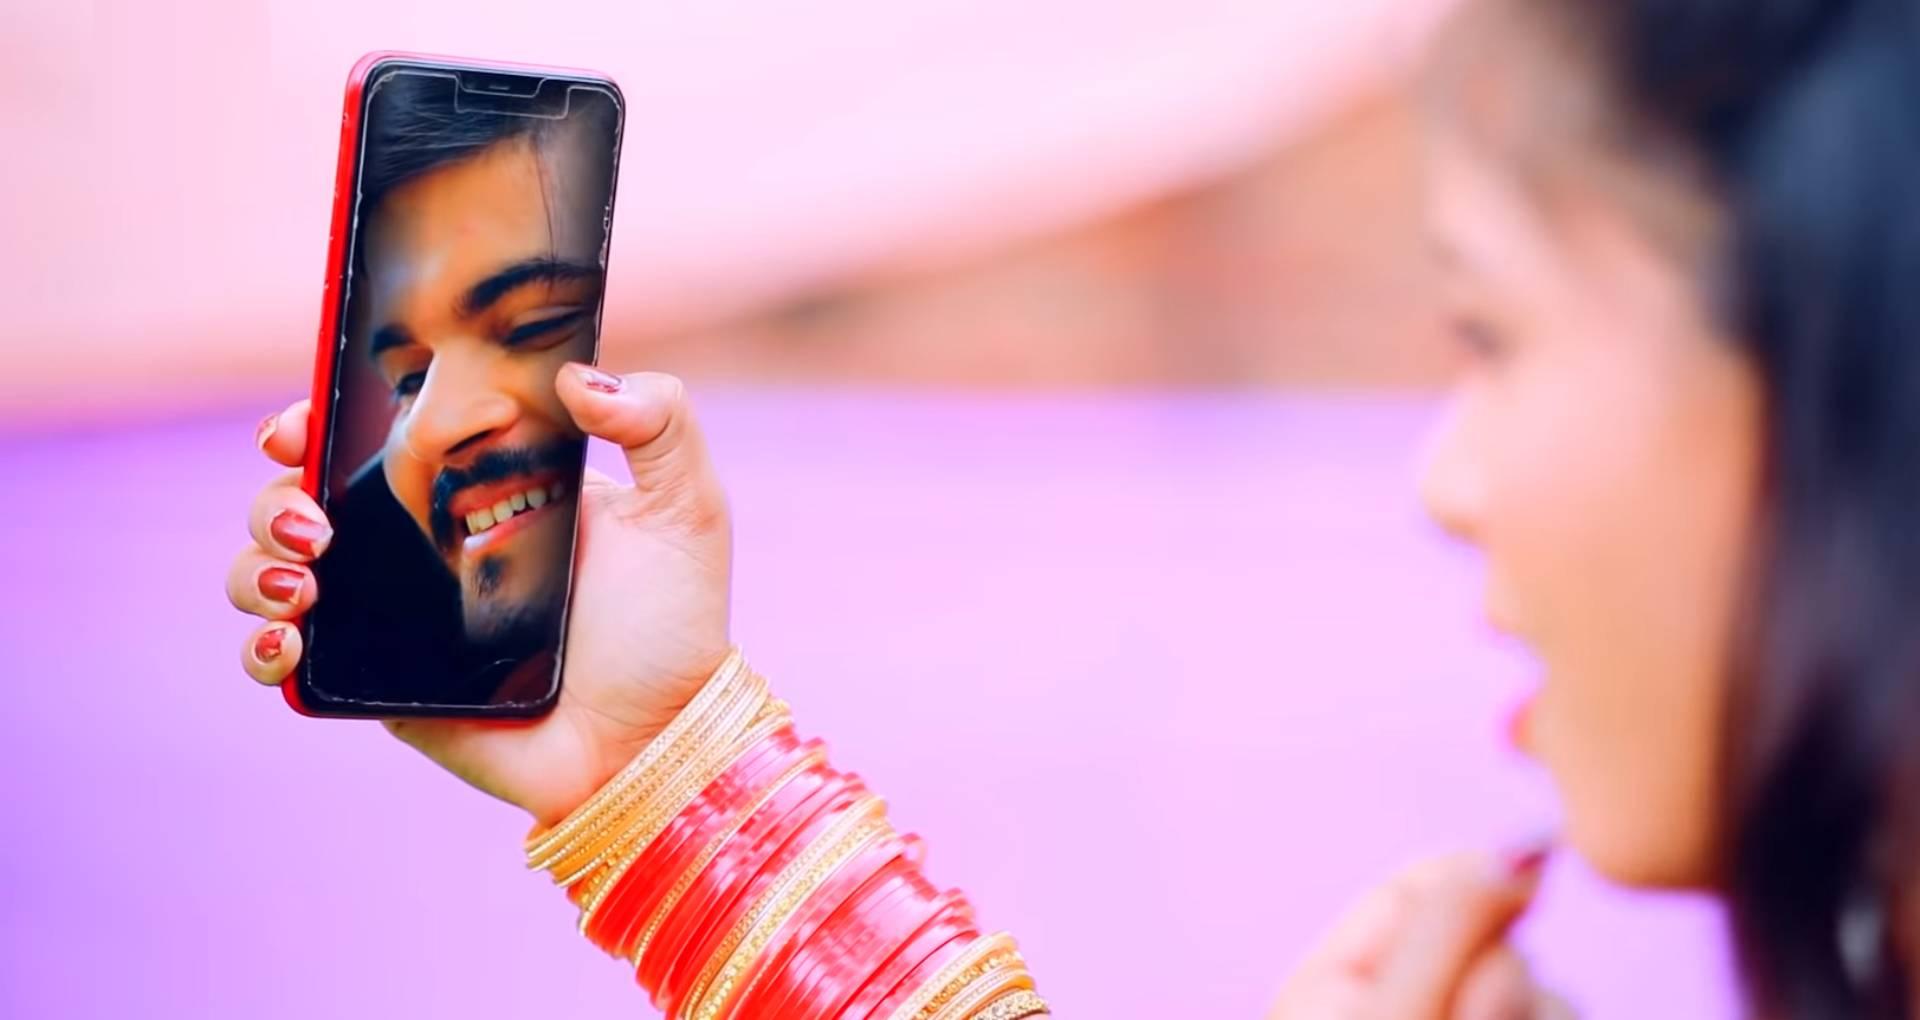 Navratri Bhukhi Hoon Jijaji Song: अरविंद अकेला कल्लू-अंतरा सिंह प्रियंका नया देवी गीत लॉन्च, देखिए ये गाना